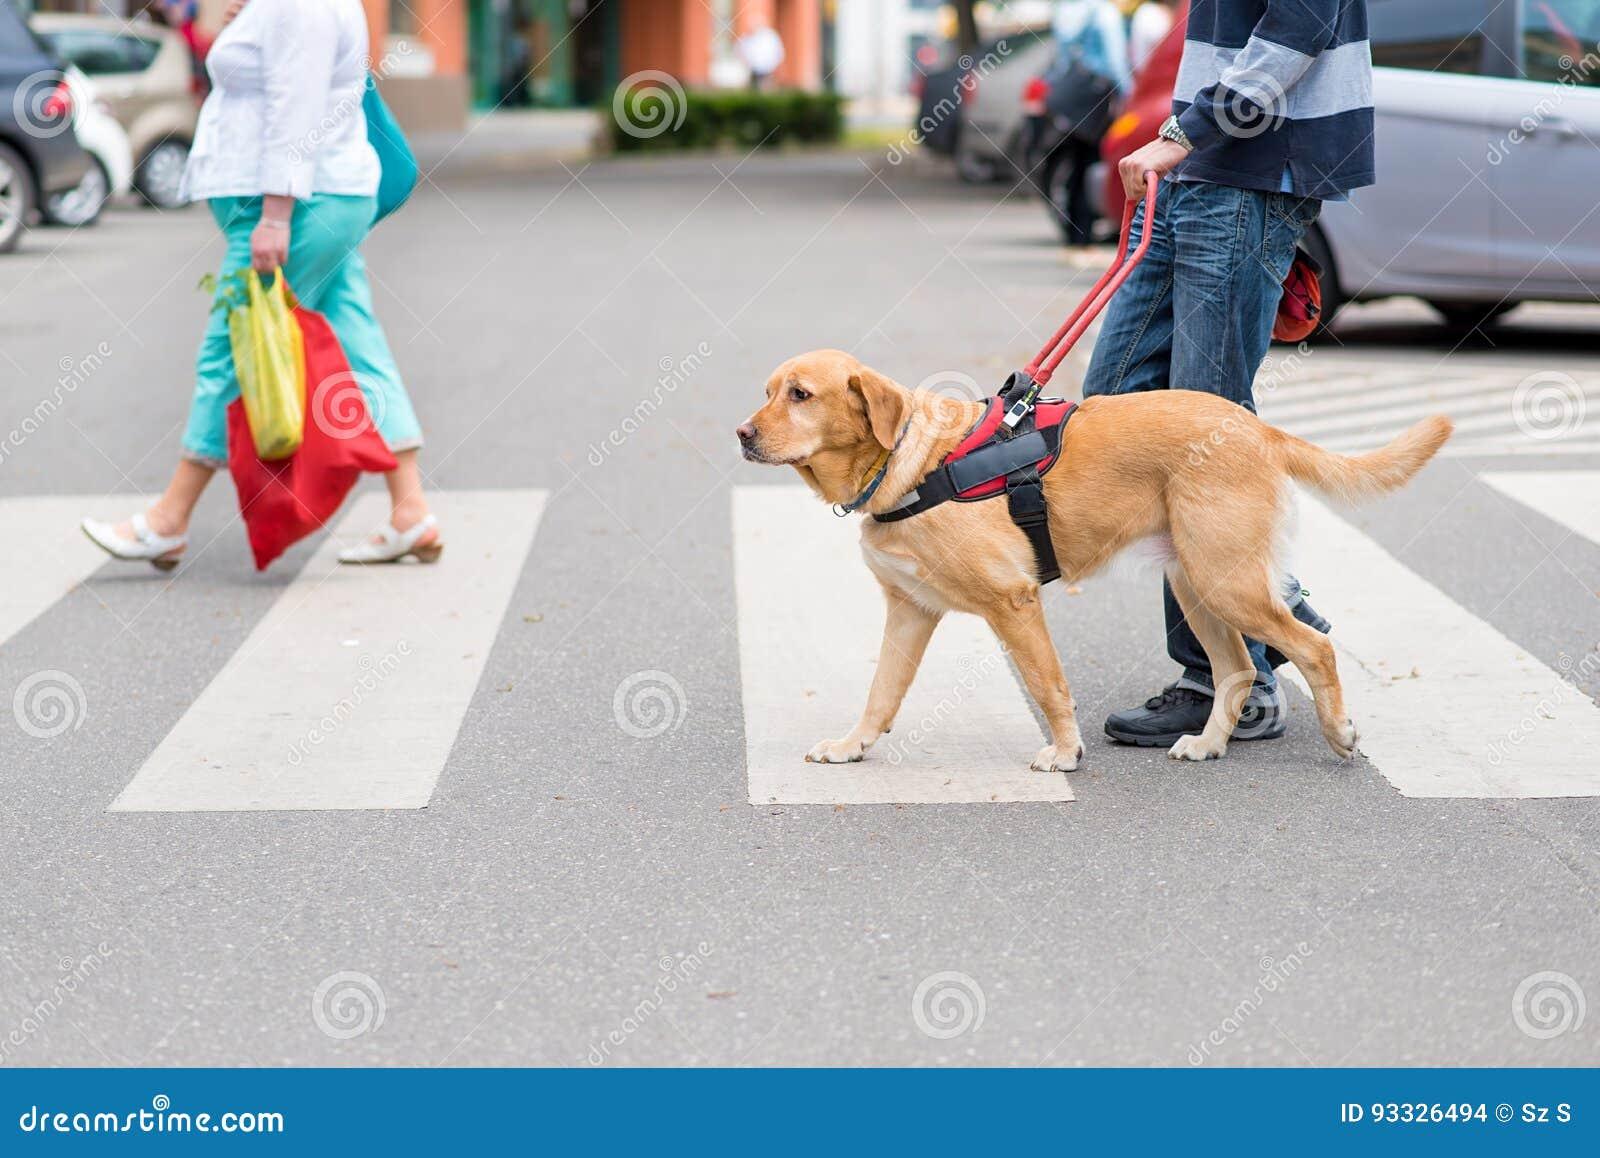 El perro guía está ayudando a un hombre ciego